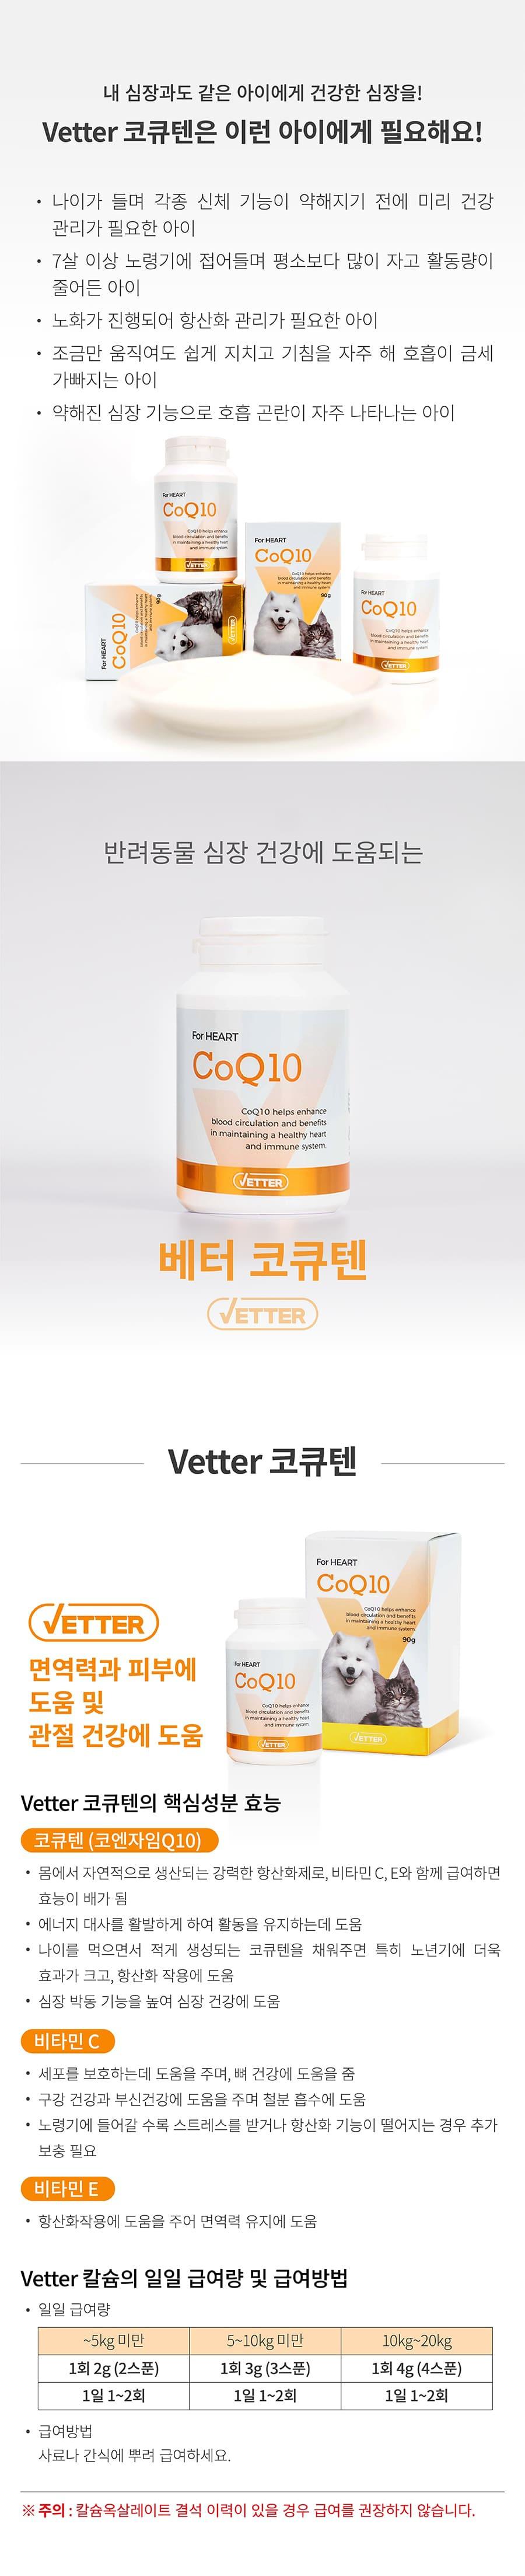 [EVENT] Vetter 댕냥이 영양 파우더 11종 (관절/피부/안정/눈/장/소화)-상품이미지-19